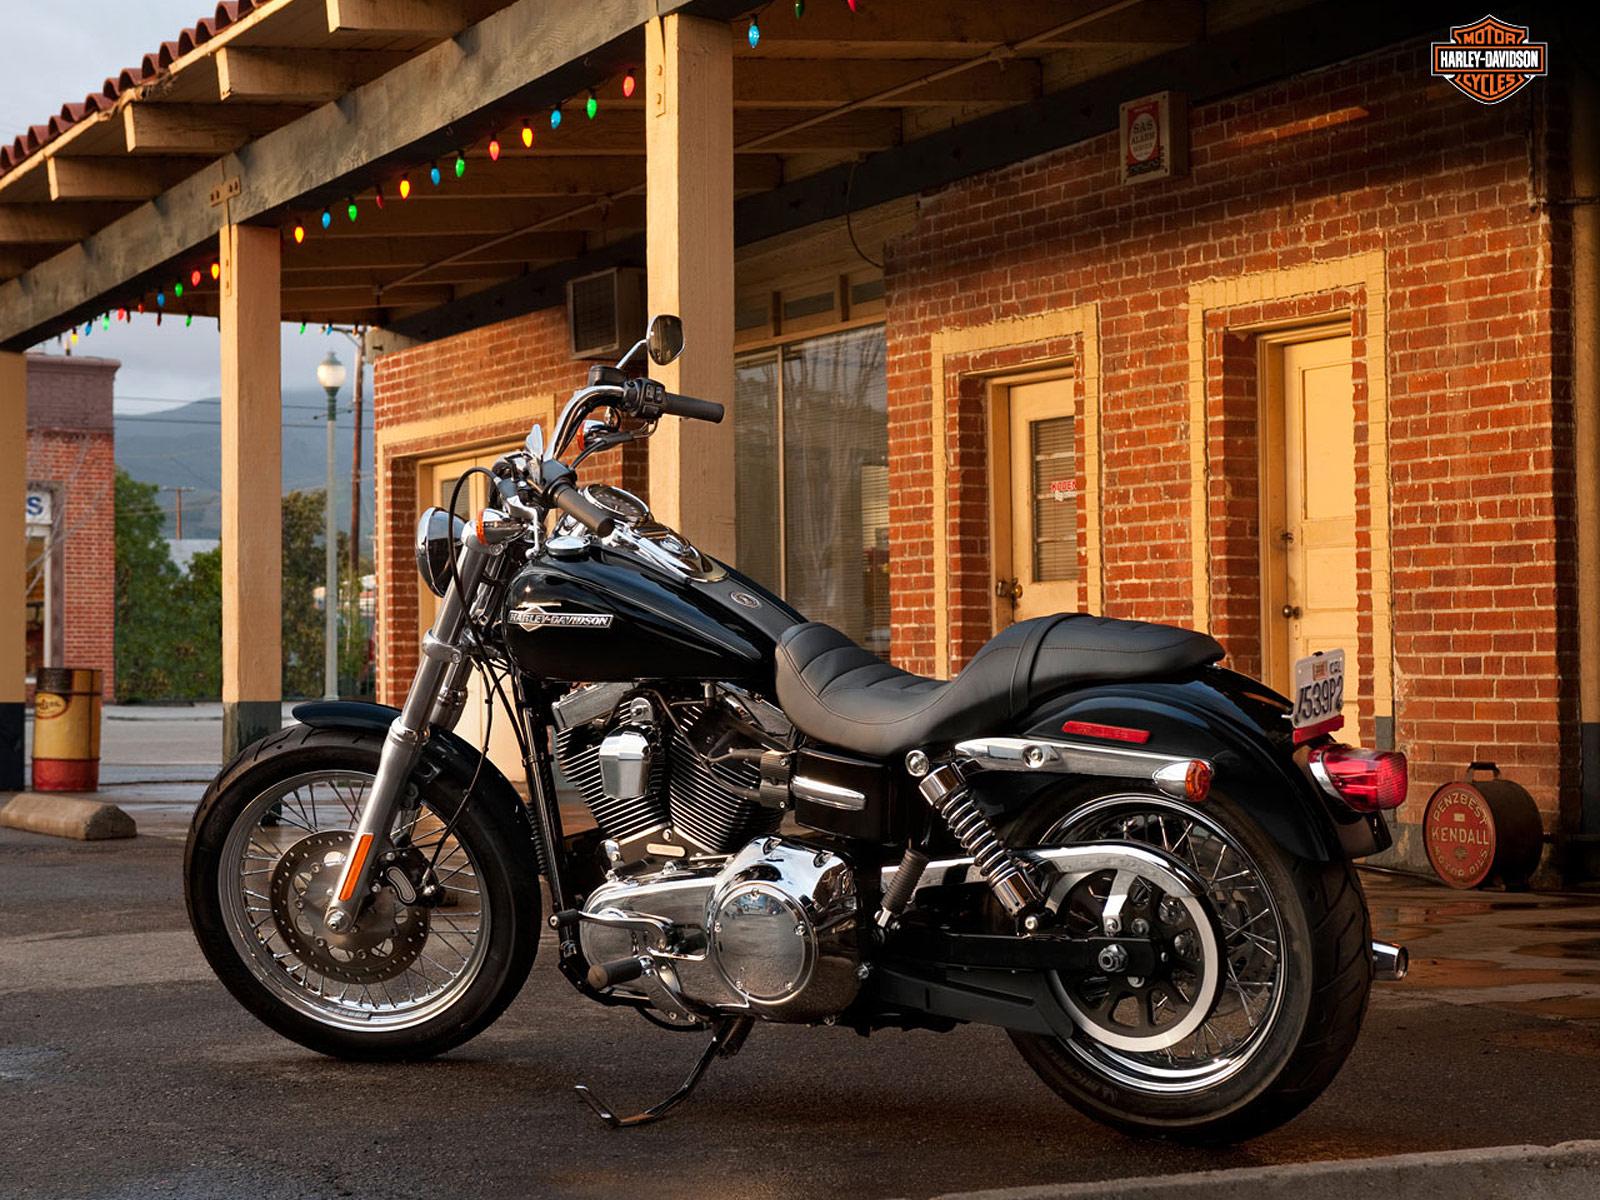 Harley Davidson 2012: Harley-Davidson Pictures. 2012 FXDC Dyna Super Glide Custom